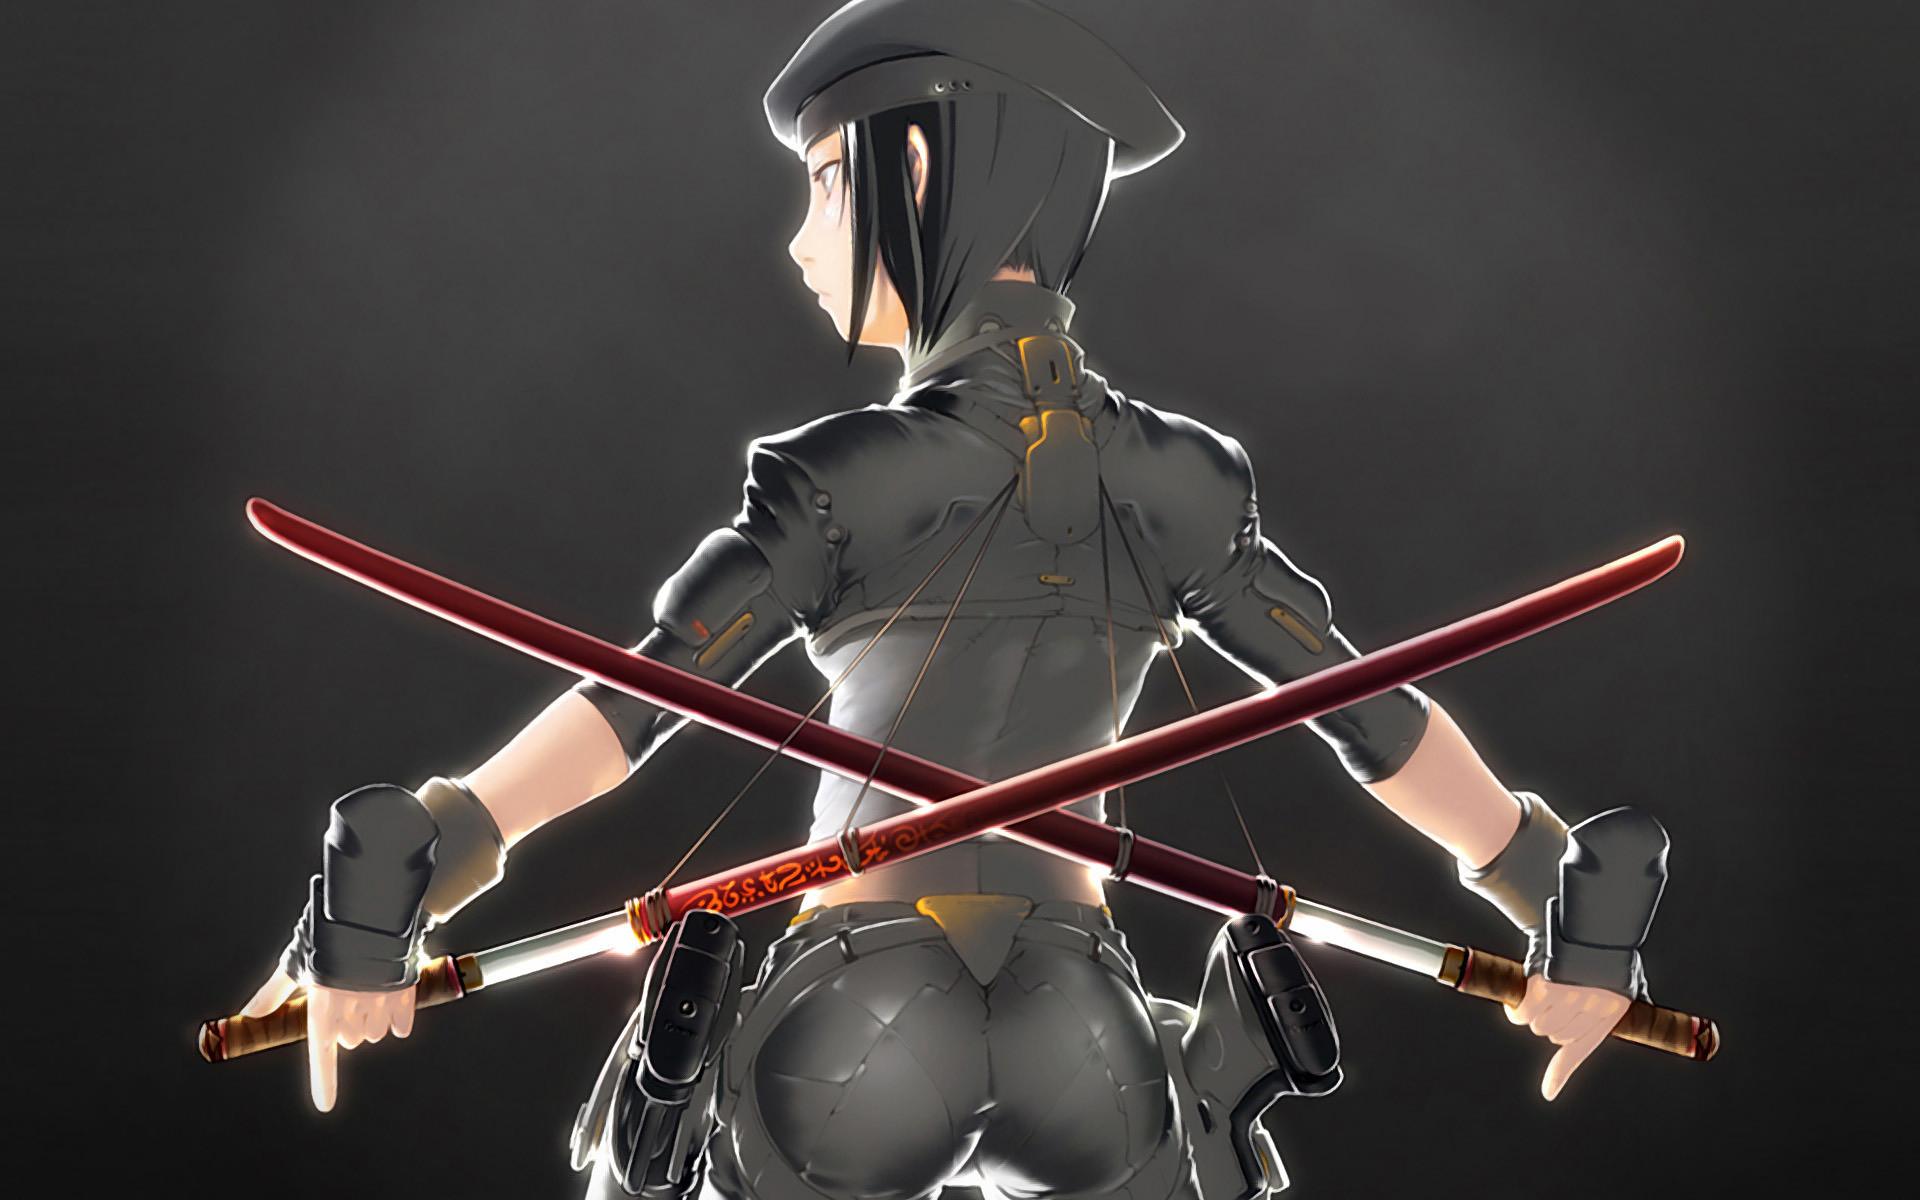 … Military girl with katana swords